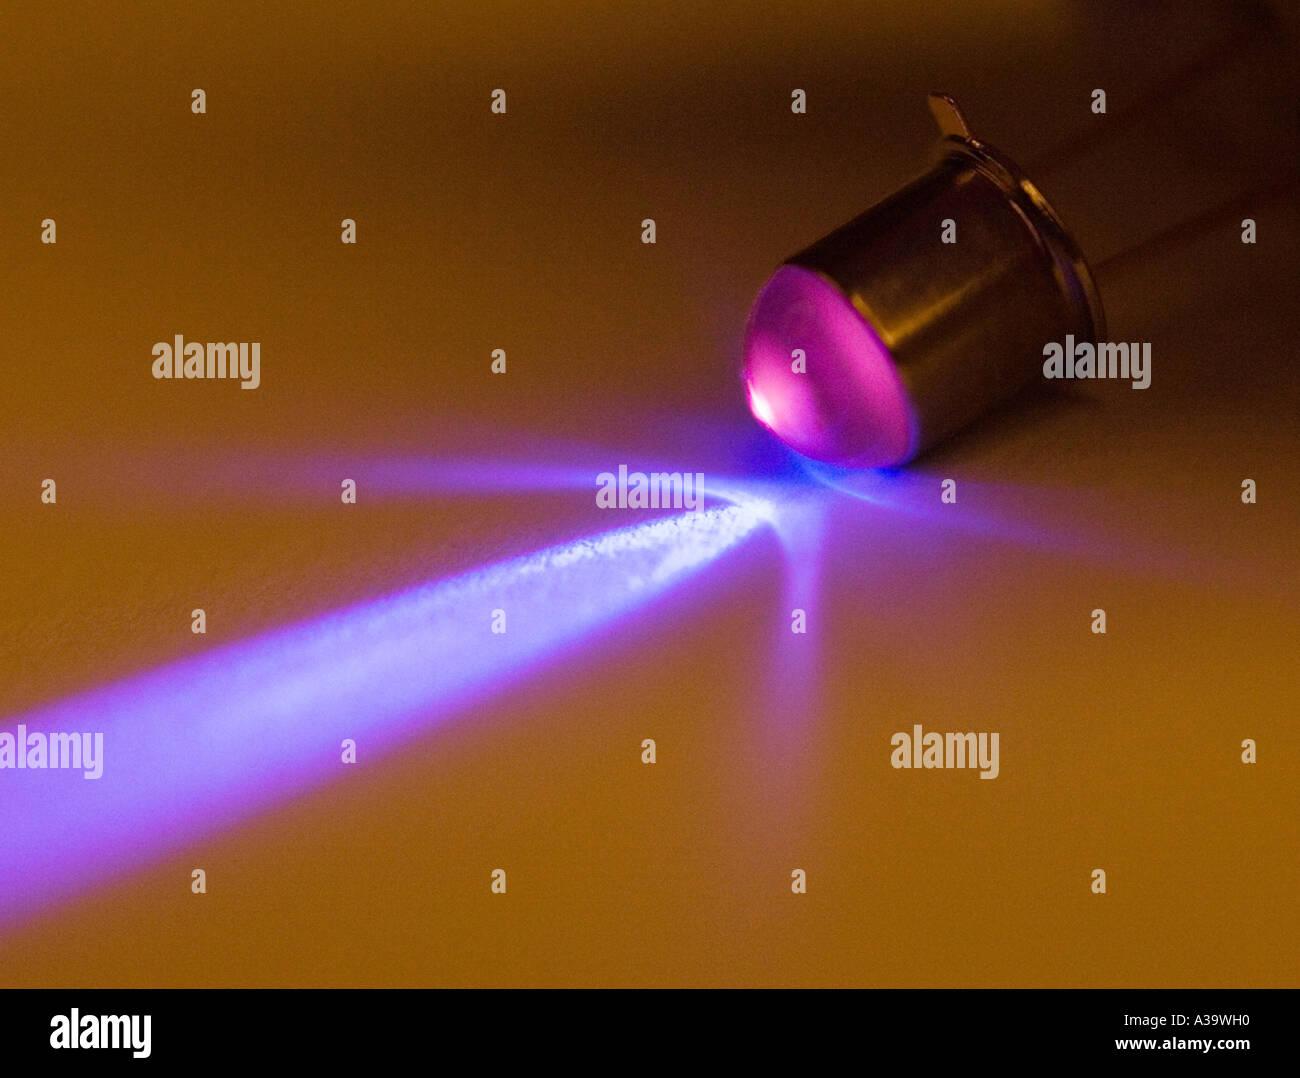 ultraviolet light emitting diode - Stock Image